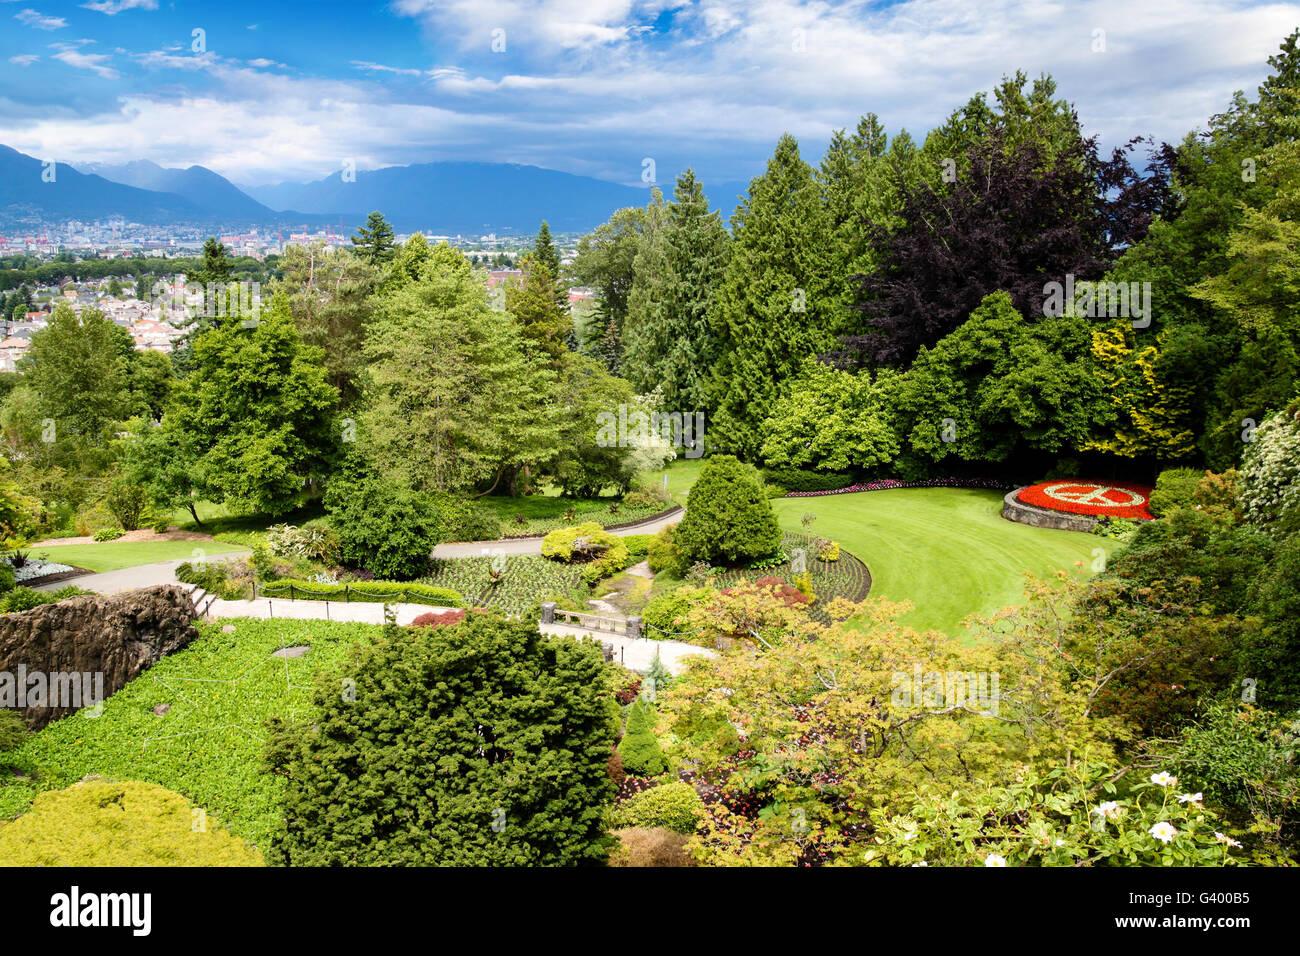 Queen Elizabeth Park In Vancouver At Metres Above Sea Level - Metres above sea level